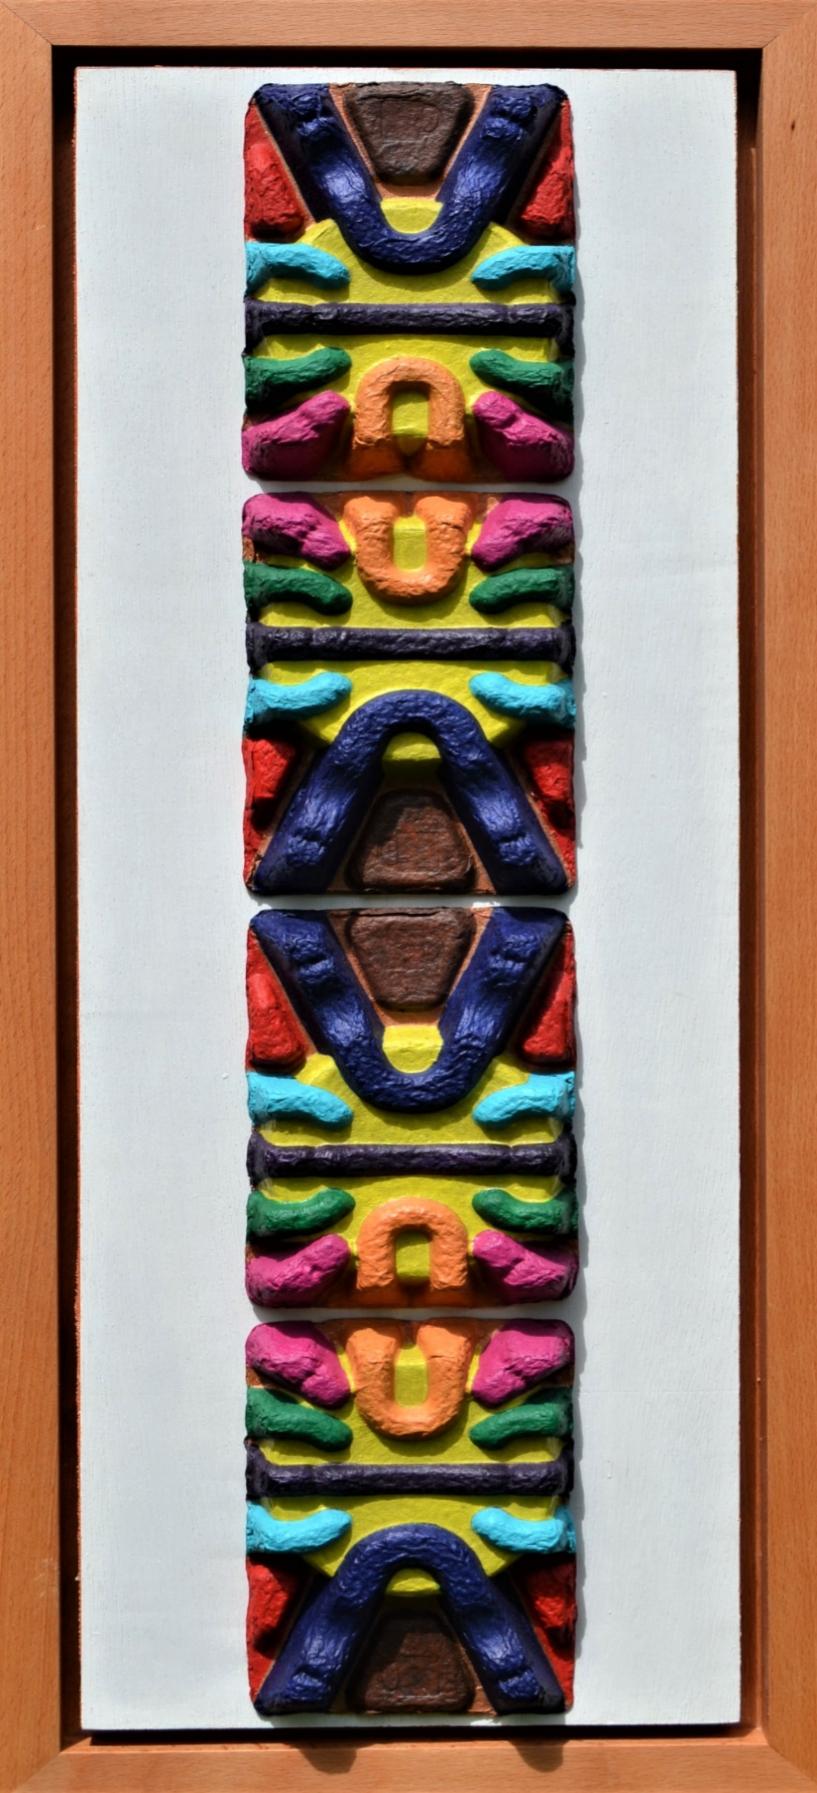 Mosaik | Martina Kunz | Mixed Media